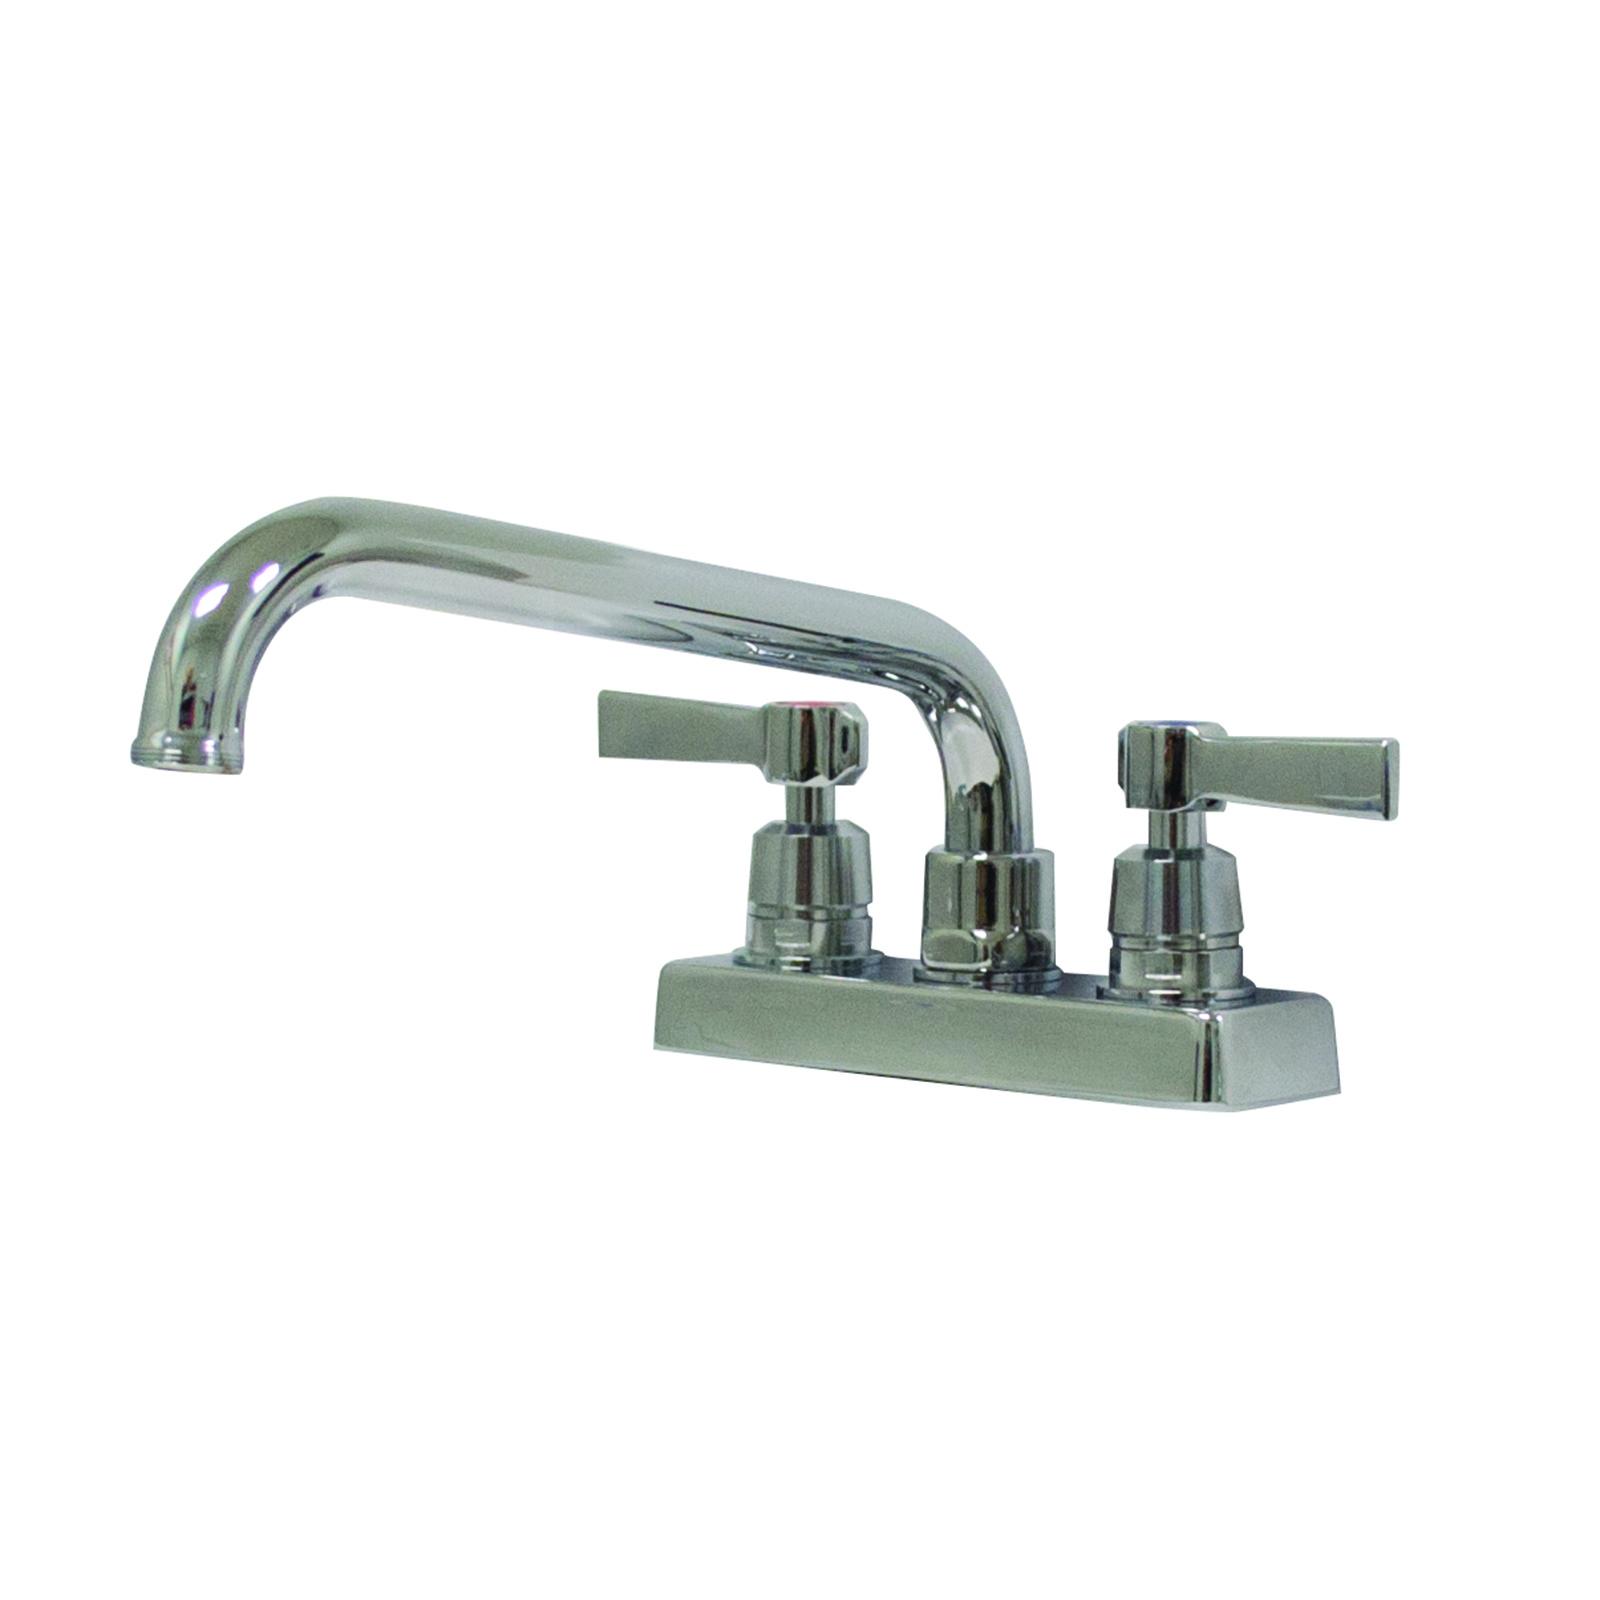 Advance Tabco K-50SP faucet, spout / nozzle